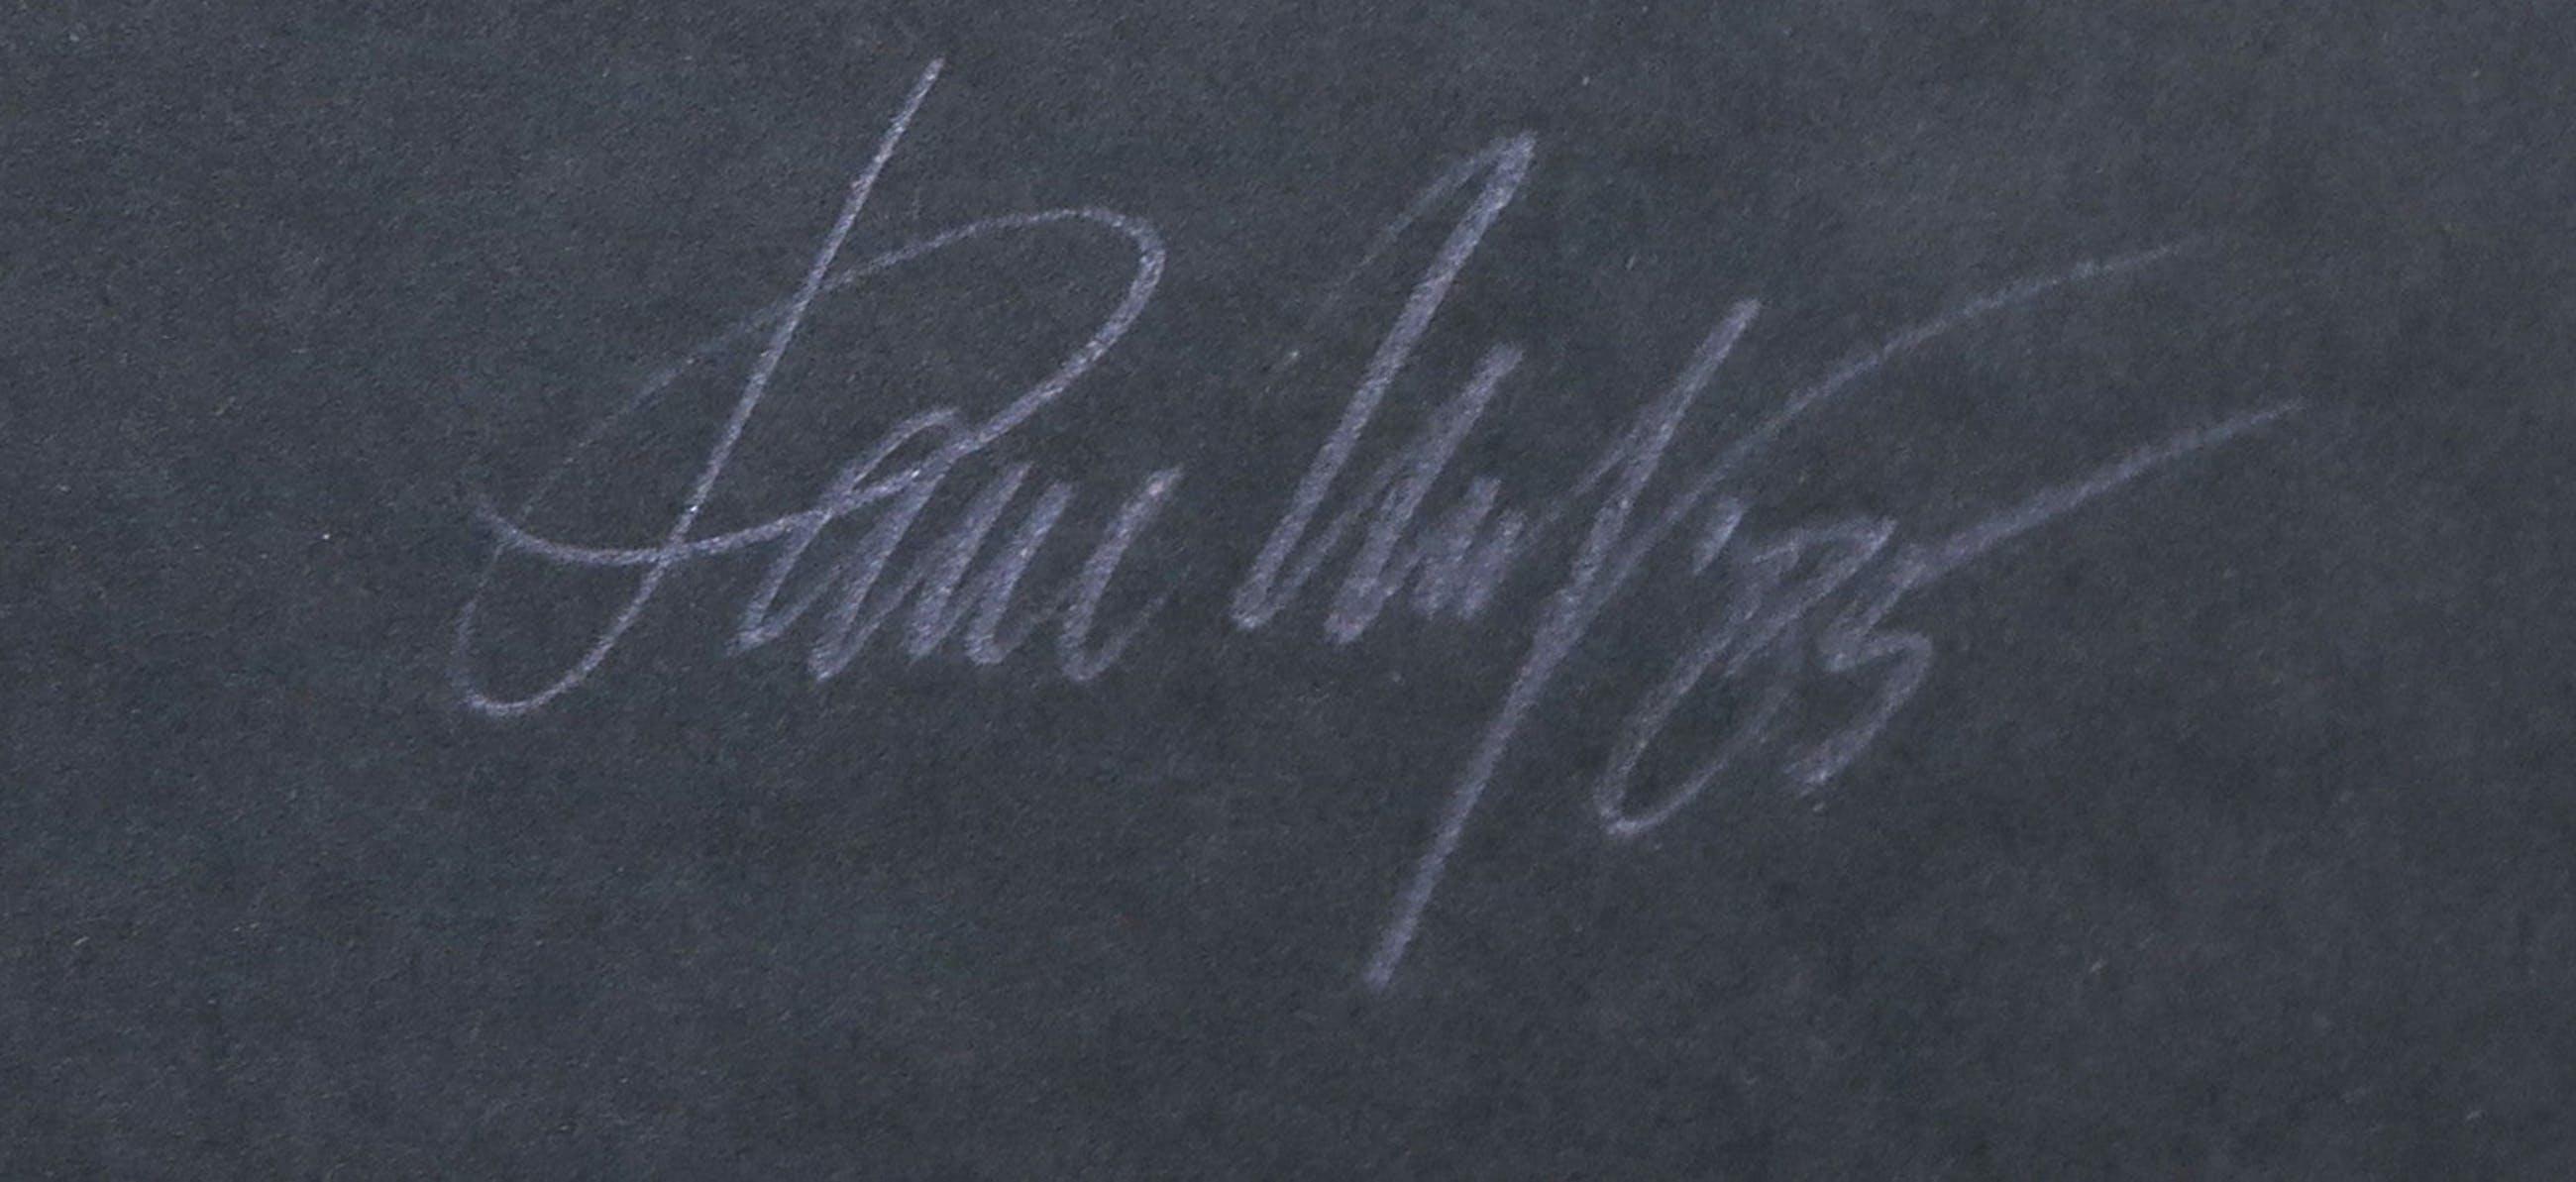 Paul Huf - C-Print, Entree - Ingelijst kopen? Bied vanaf 1!